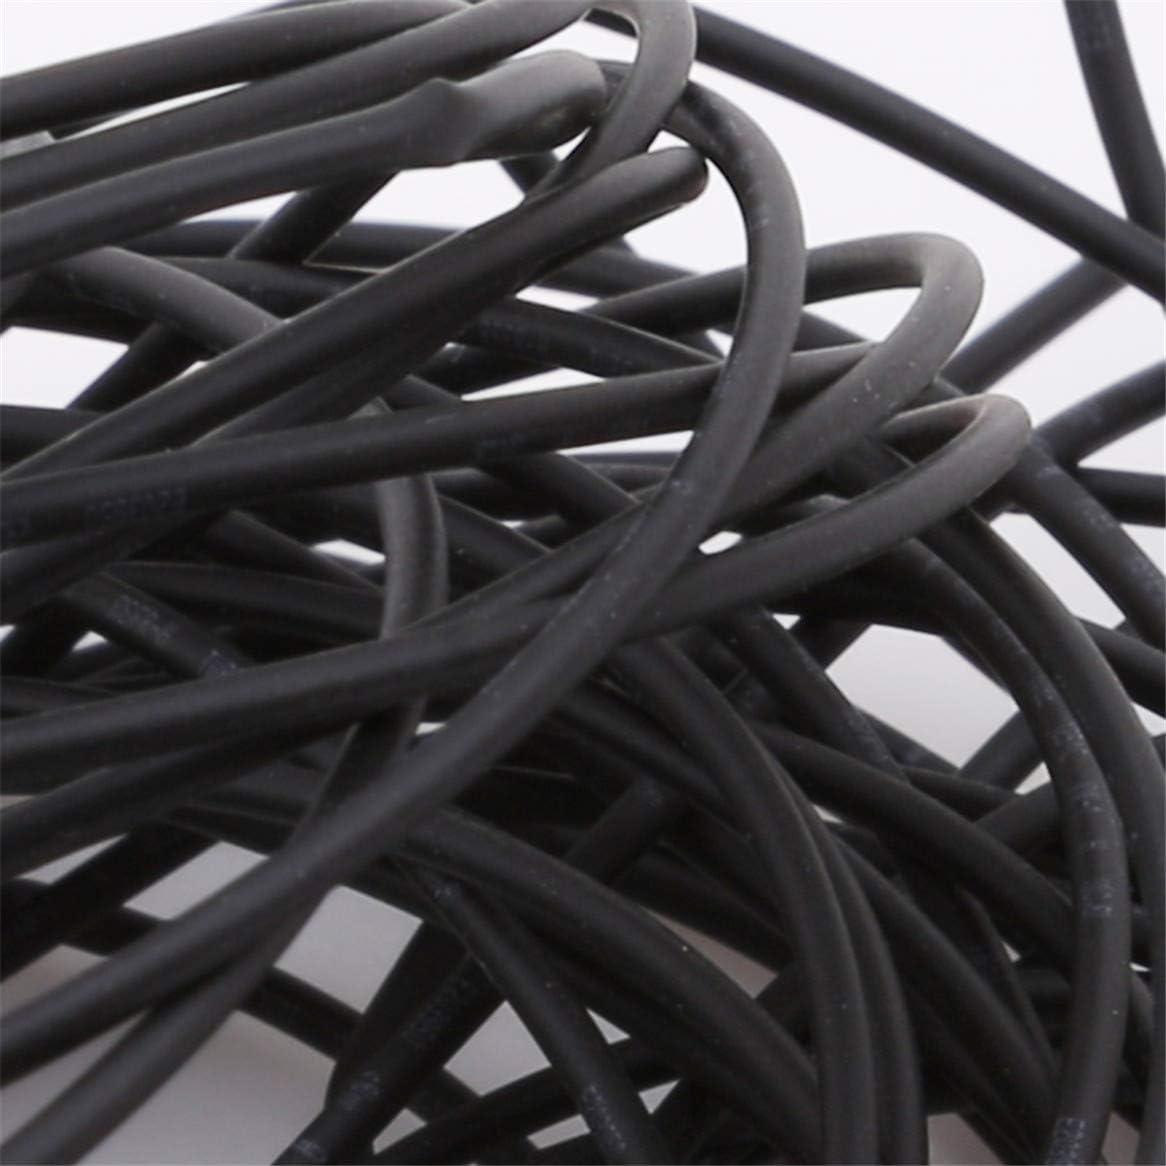 Botreelife 10m Schrumpfschlauch Rig Tube Karpfenangeln Rig Line Connector in Verschiedenen Durchmessern